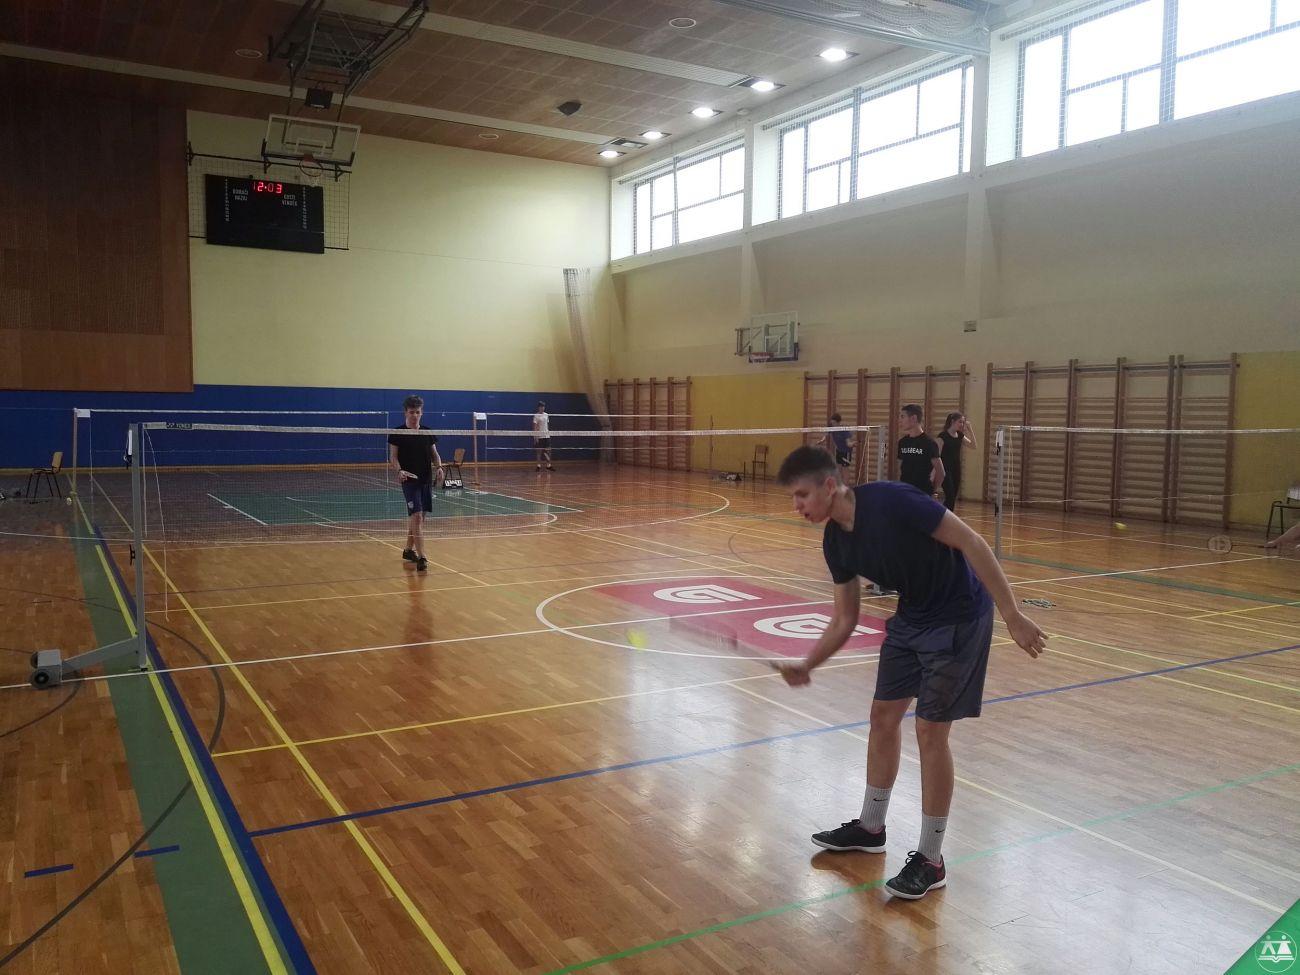 Podrocno-prvenstvo-v-badmintonu-za-srednje-sole-005